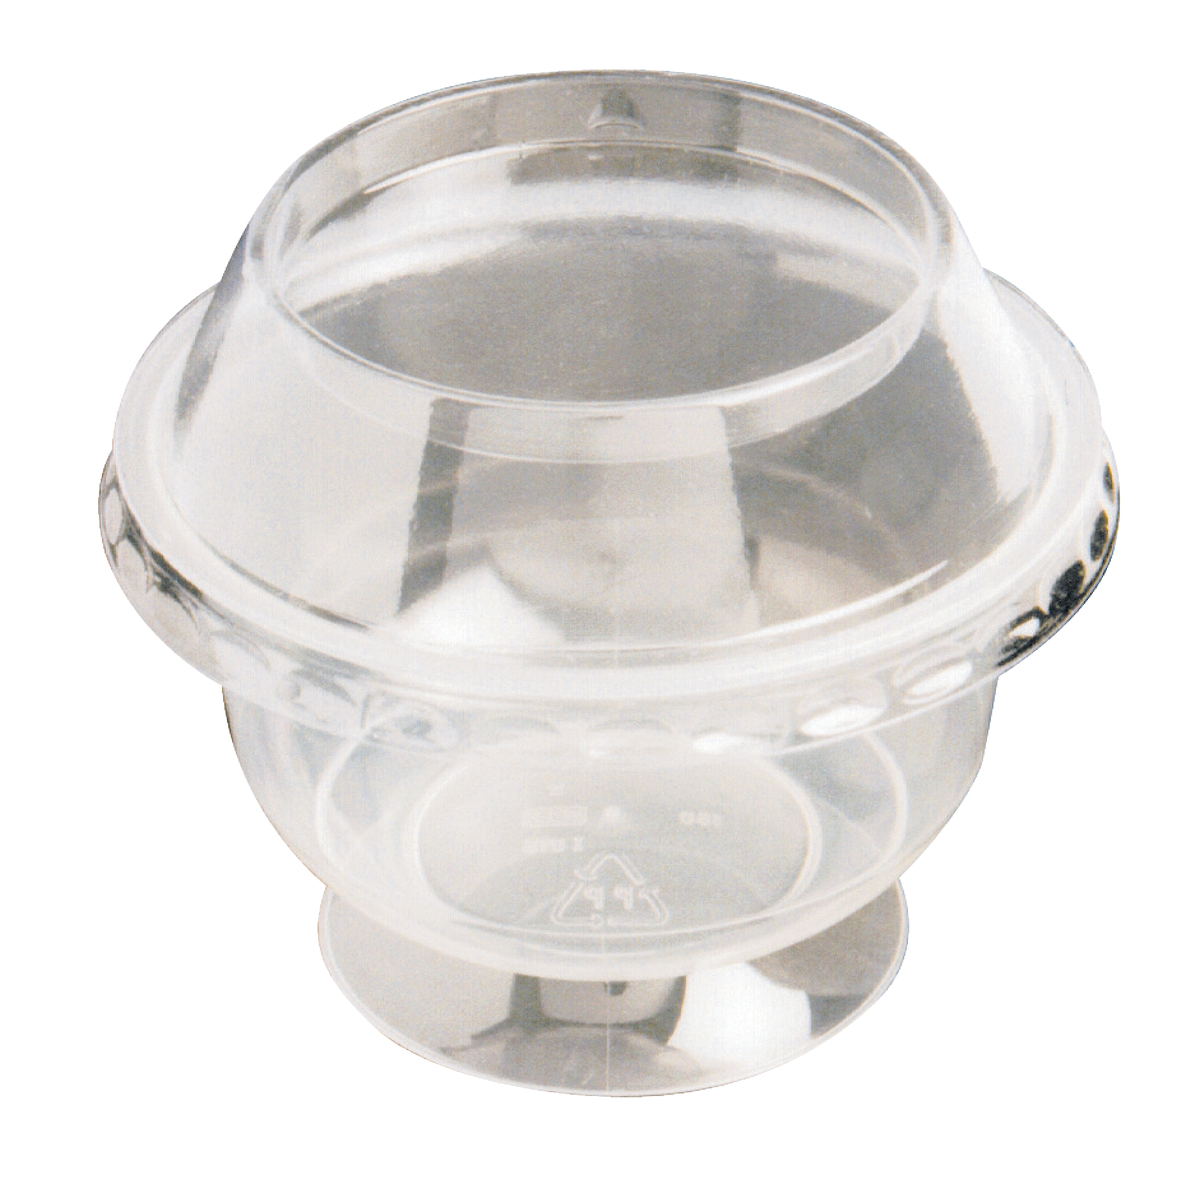 Couvercle coupe à dessert 20cl rond transparent Ø 10 cm Servipack Alphaform (50 pièces)